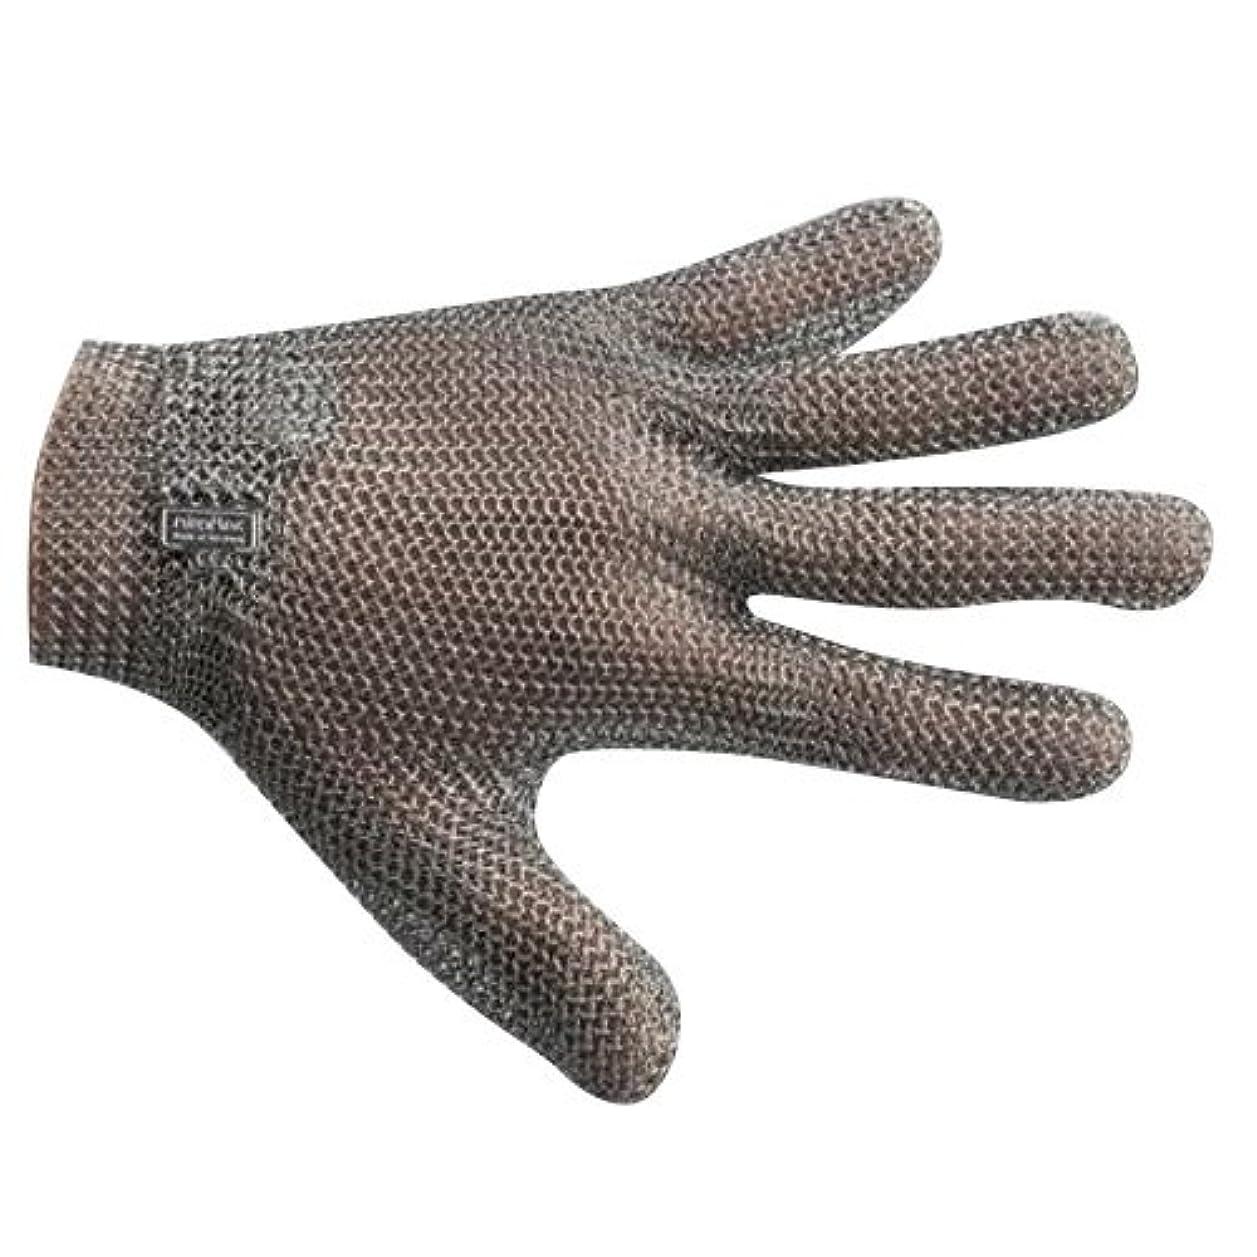 アカデミー悔い改めウェブ宇都宮製作 GU-2500 ステンレスメッシュ手袋 5本指(左右兼用) SS